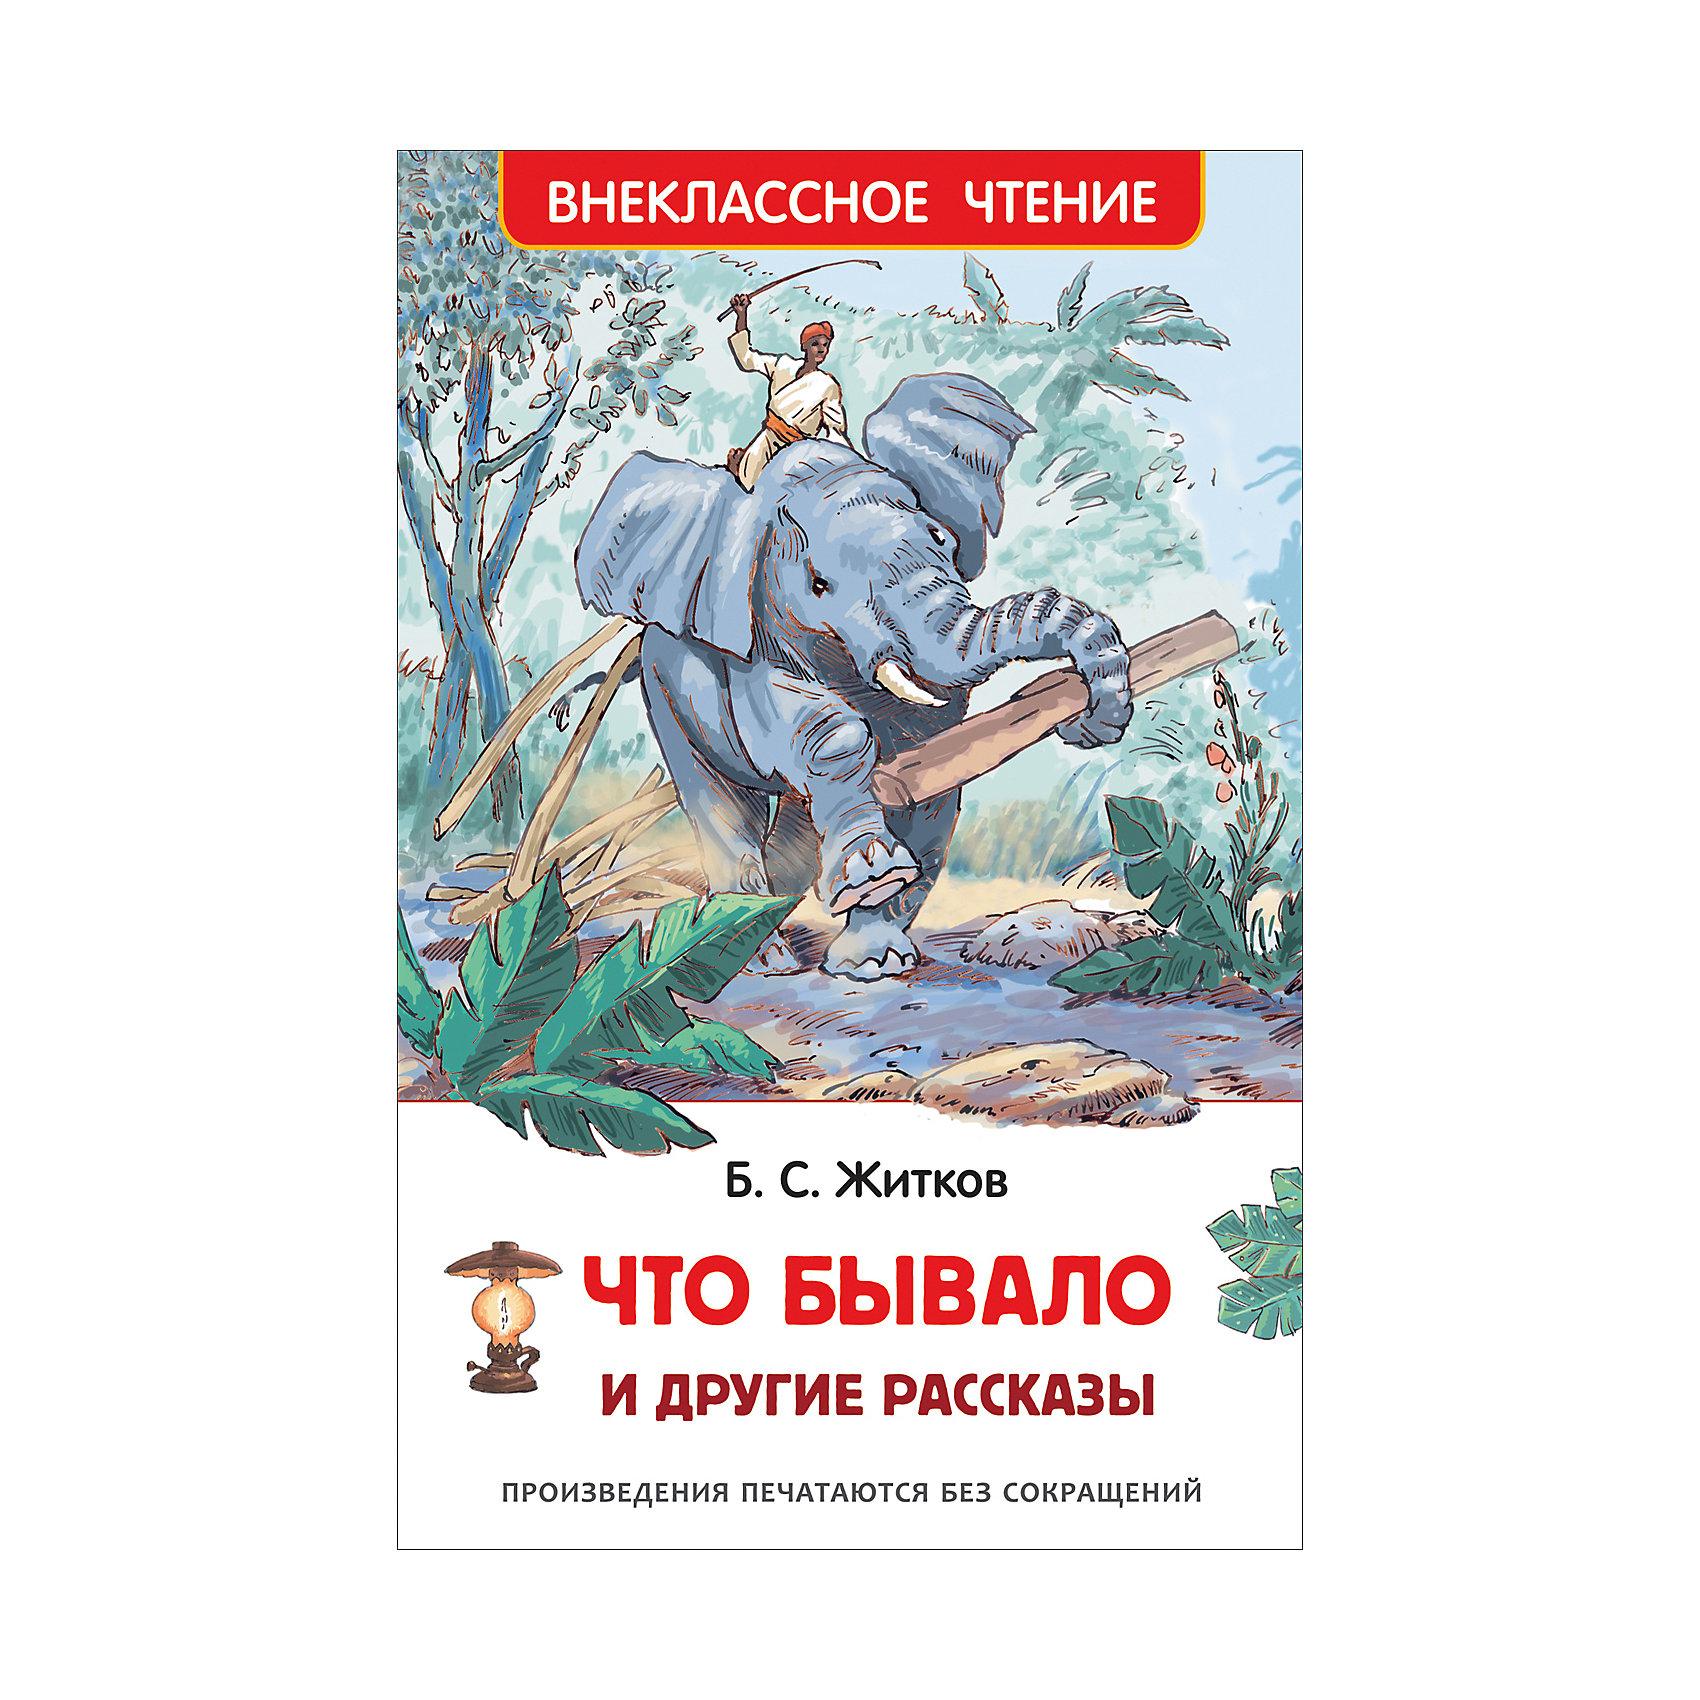 Росмэн Что бывало и другие рассказы, Б. Житков б житков морские истории